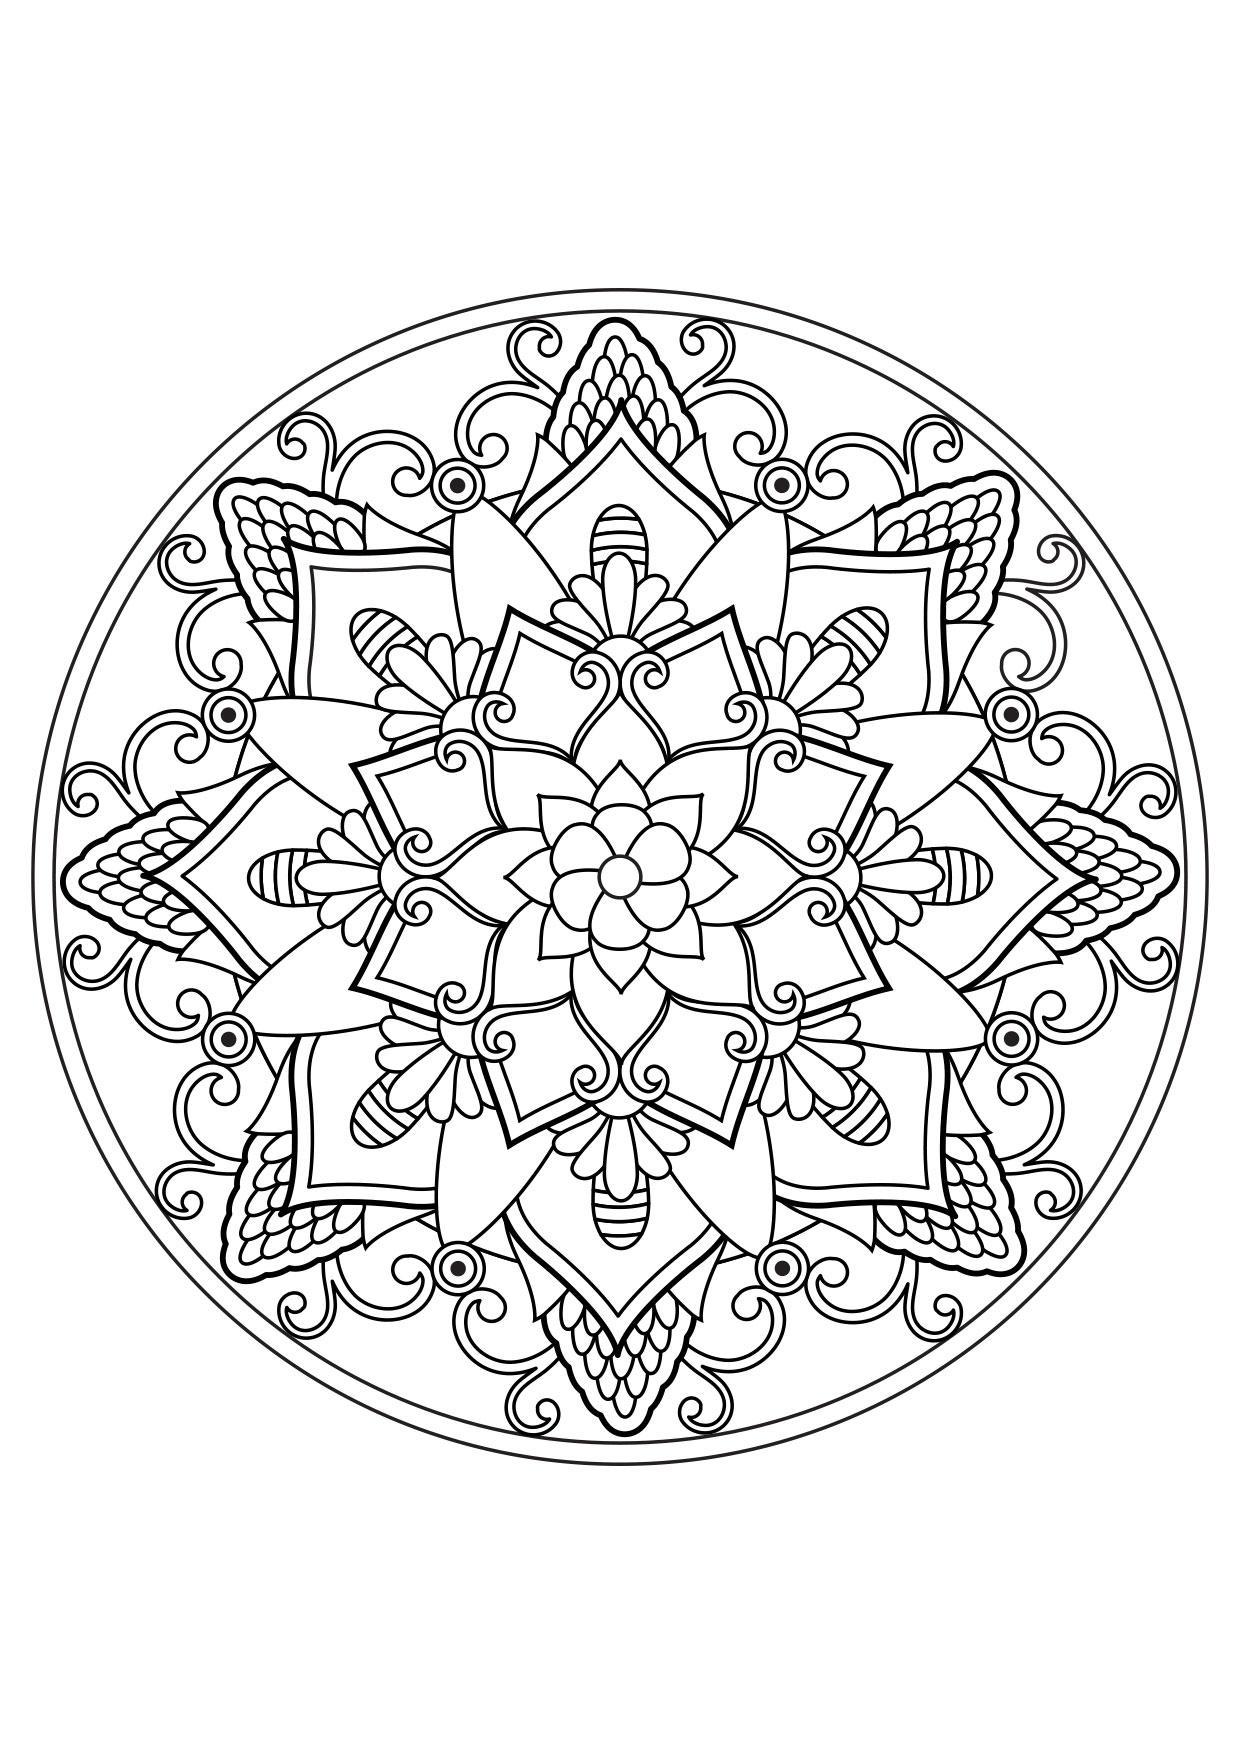 Disegni Da Colorare Mandala Da Stampare.Disegno Da Colorare Mandala Disegni Da Colorare E Stampare Gratis